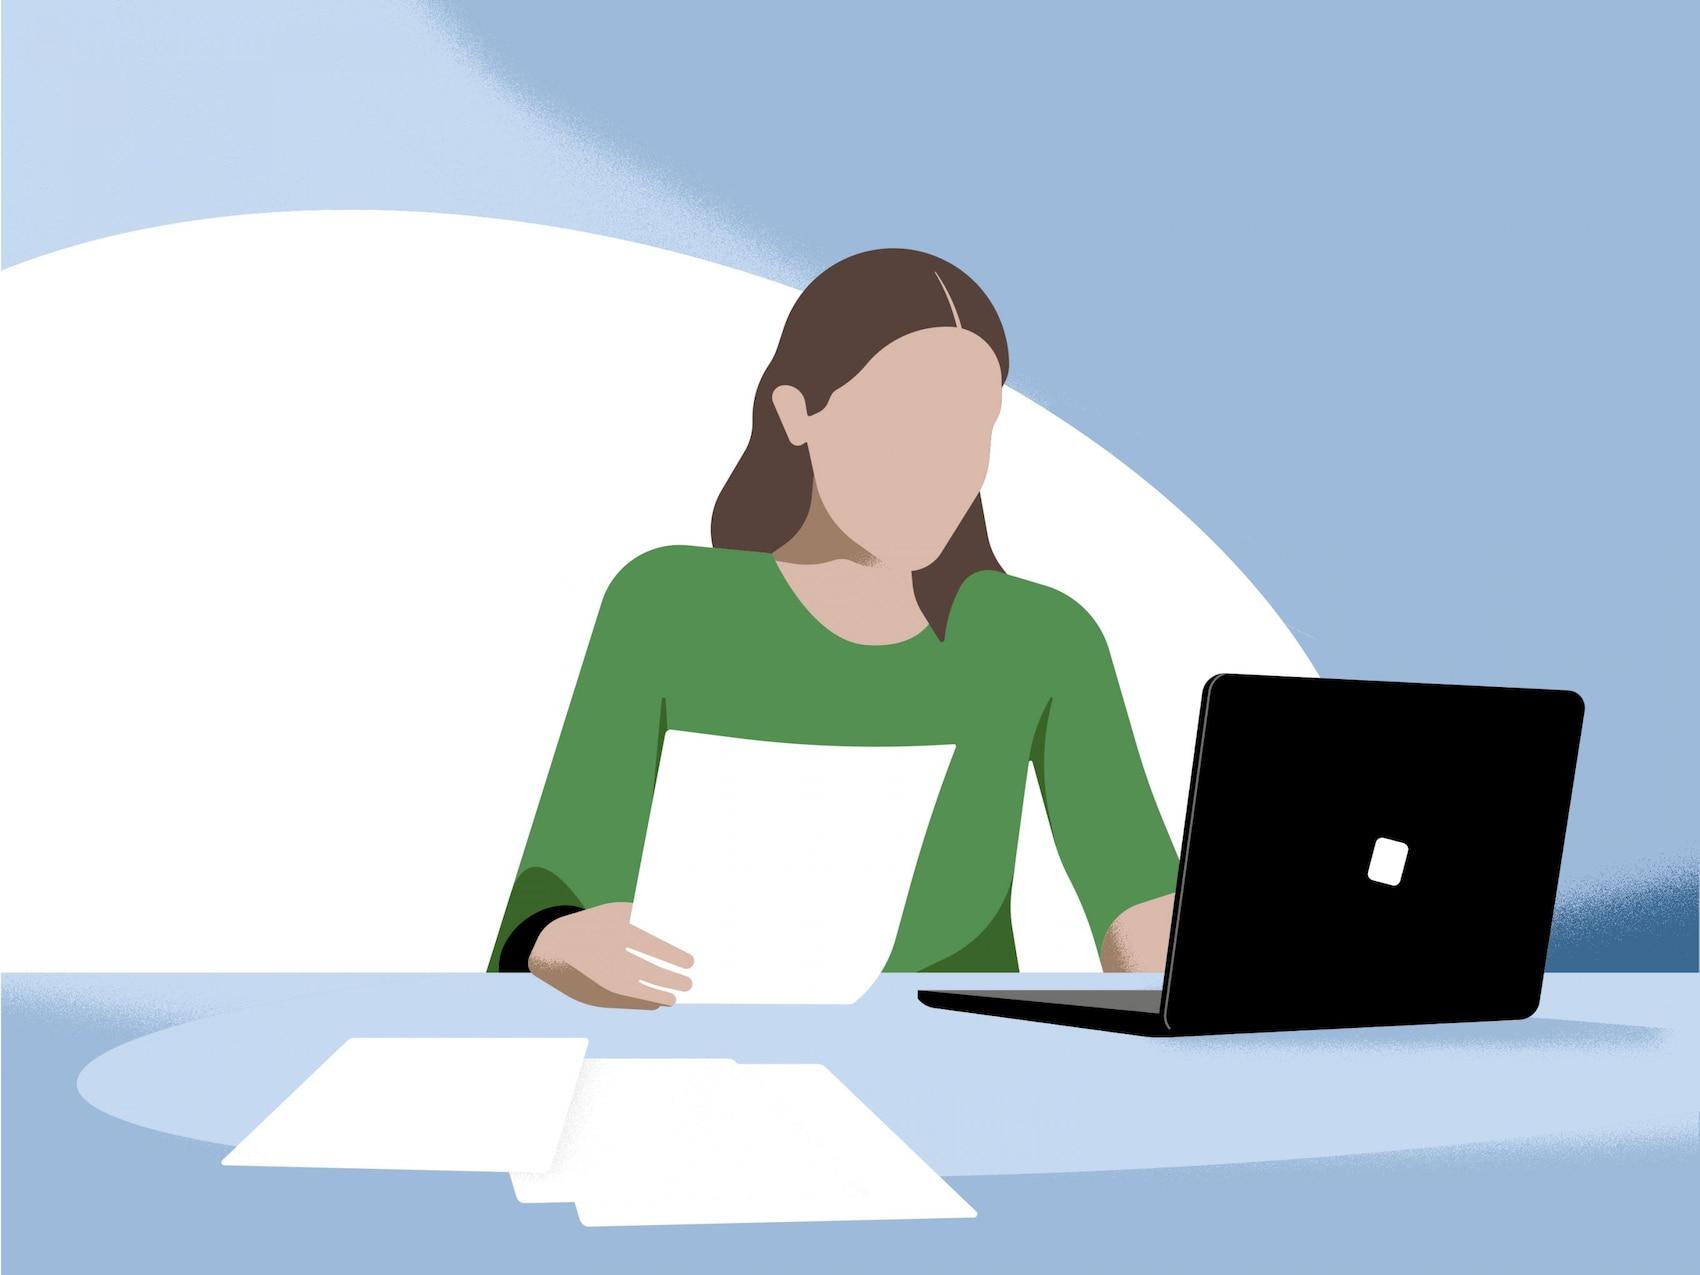 Uma mulher sentada à frente de um notebook aberto.